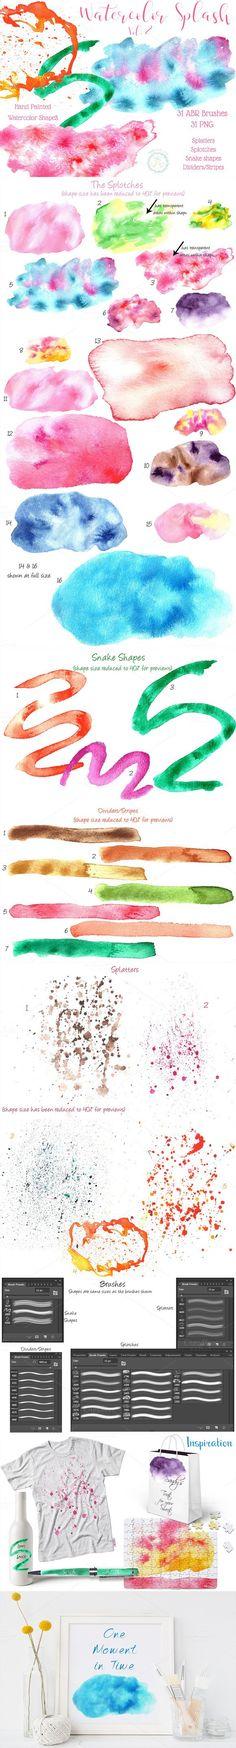 Watercolor Splash Shapes Brushes  . Photoshop Shapes. $8.00